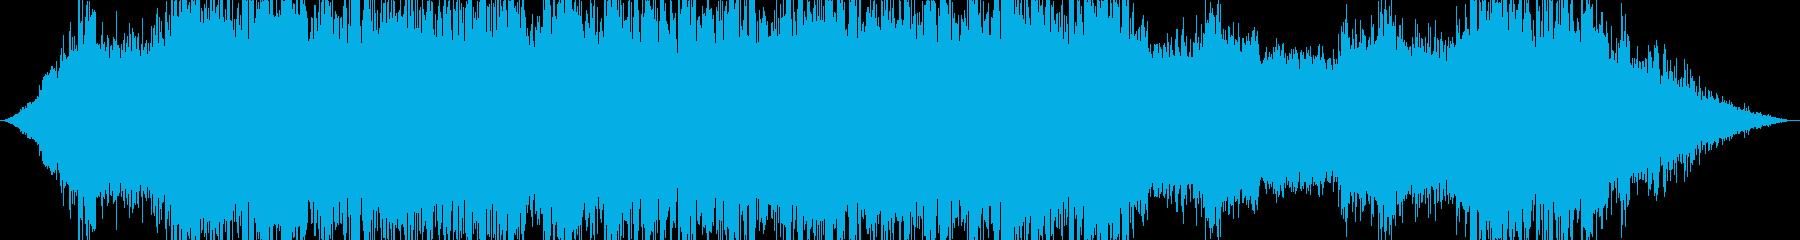 環境音+ノイズ カオス 映画 ゲームの再生済みの波形